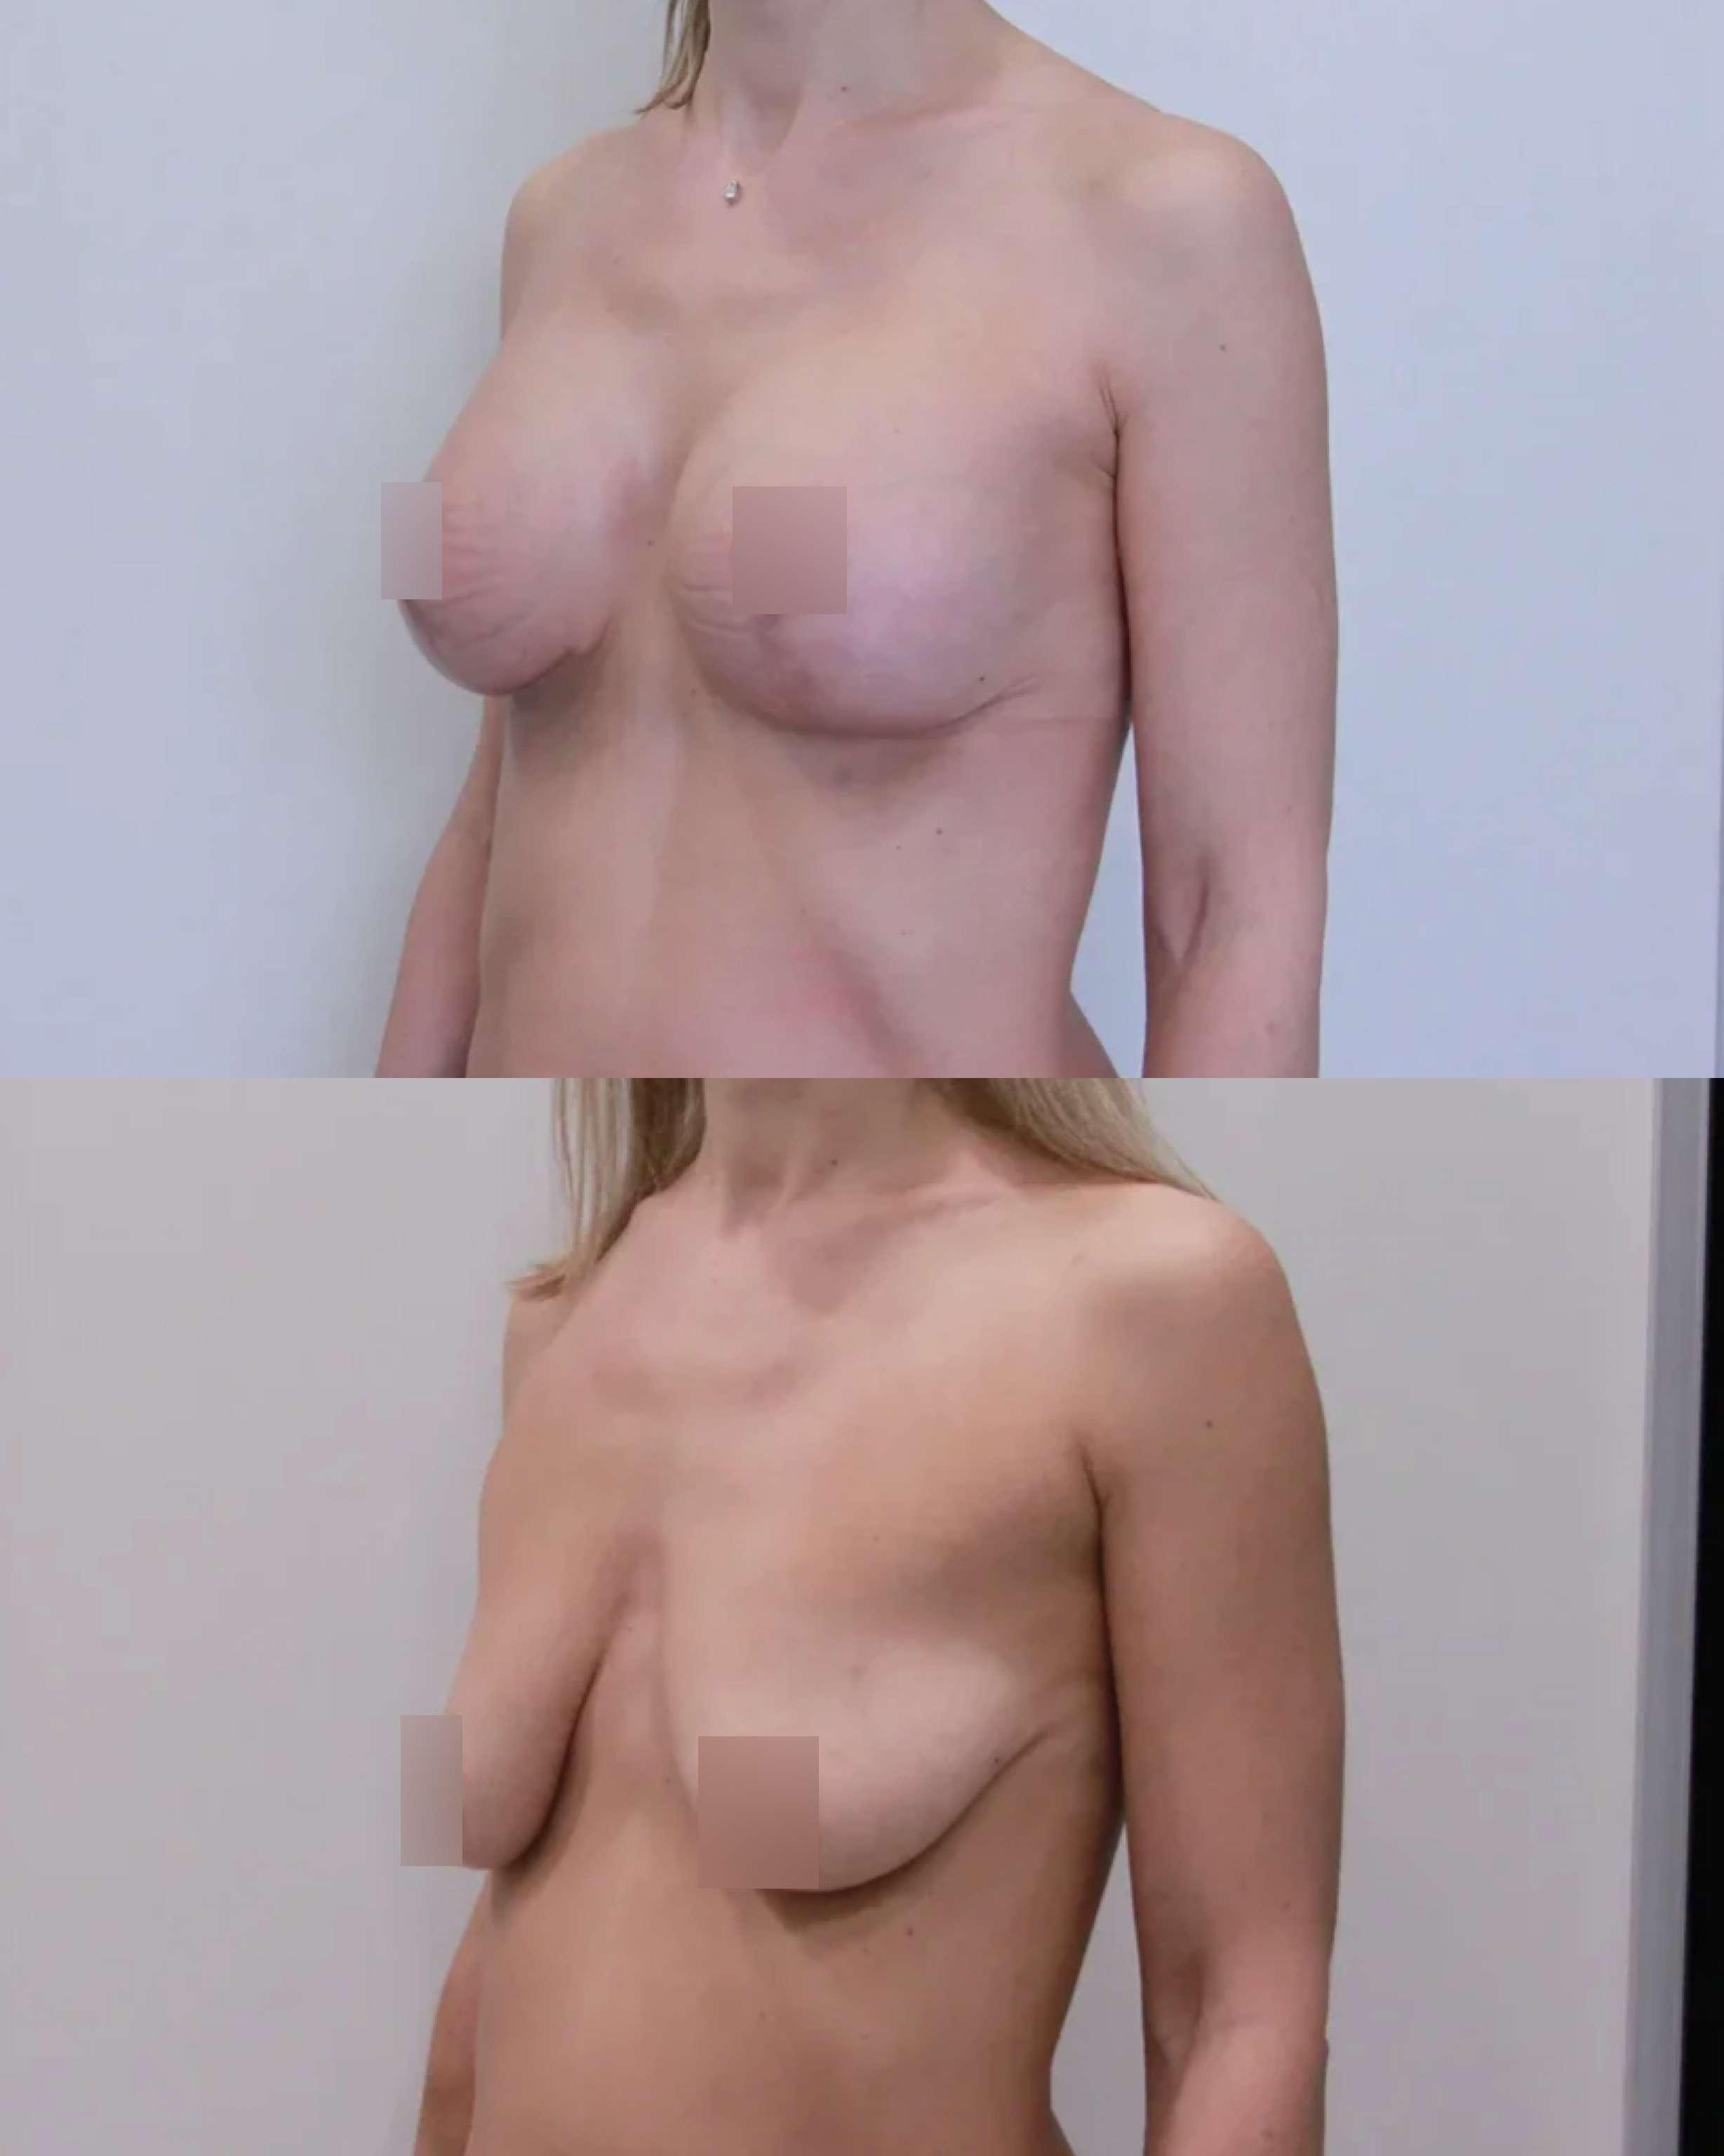 Подтяжка груди с имплантами 335гр, спустя 2 месяца